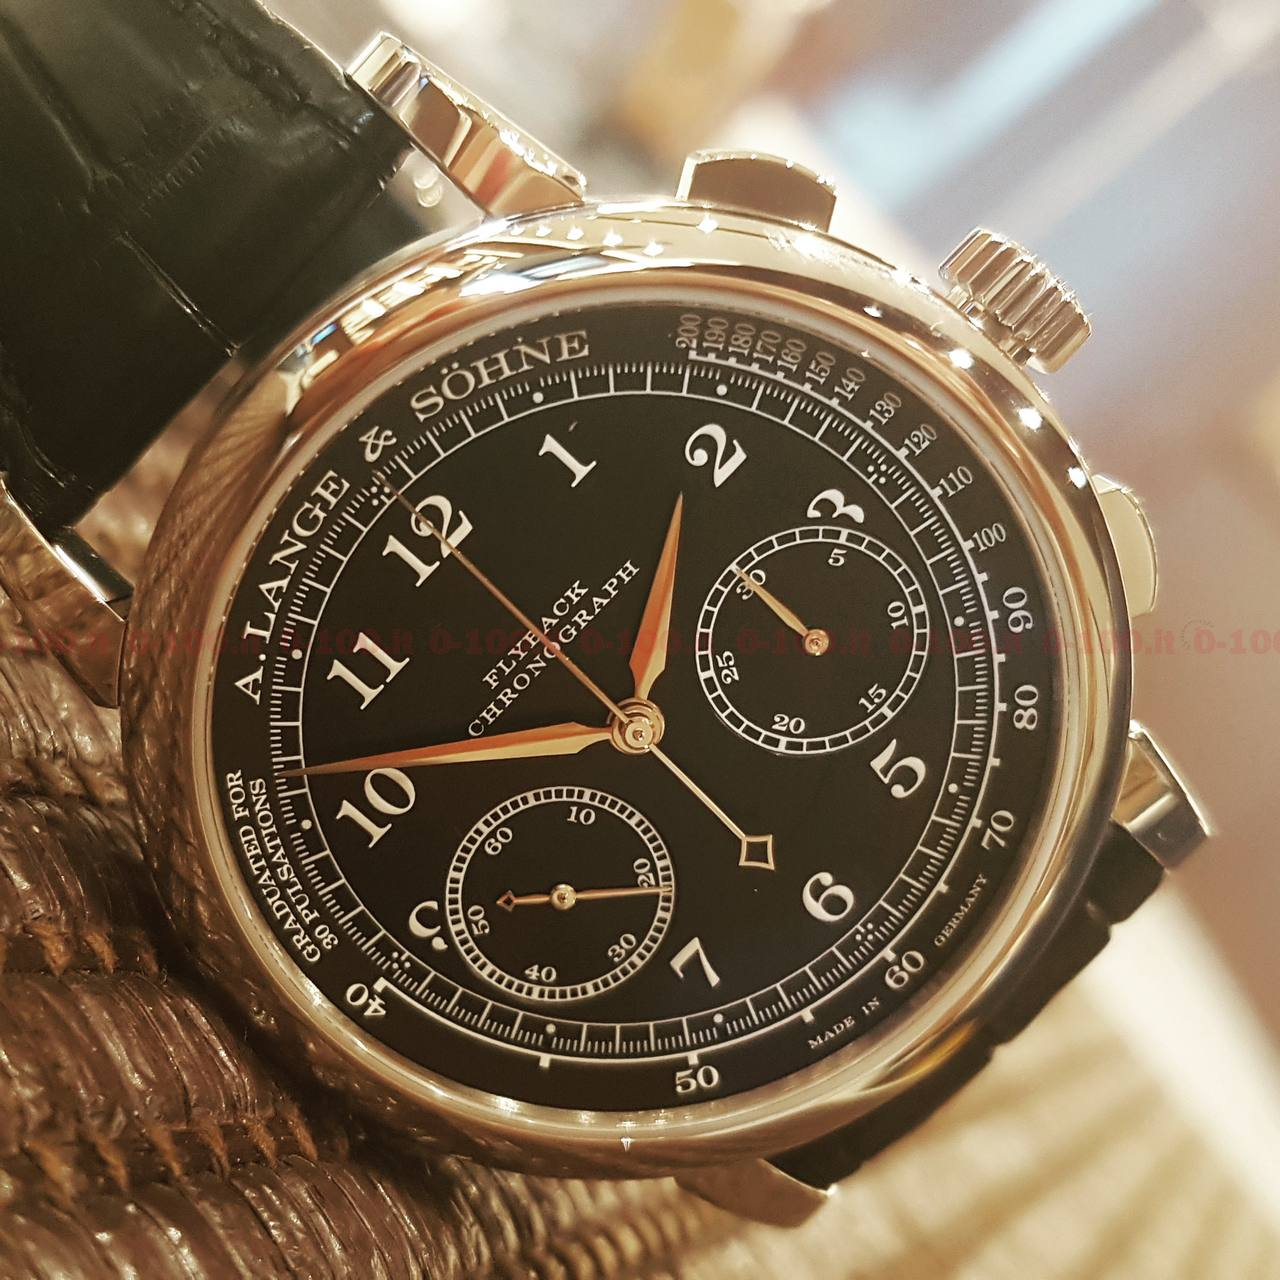 PRIMO CONTATTO A. Lange & Söhne 1815 cronografo_prezzo_price_0-1003